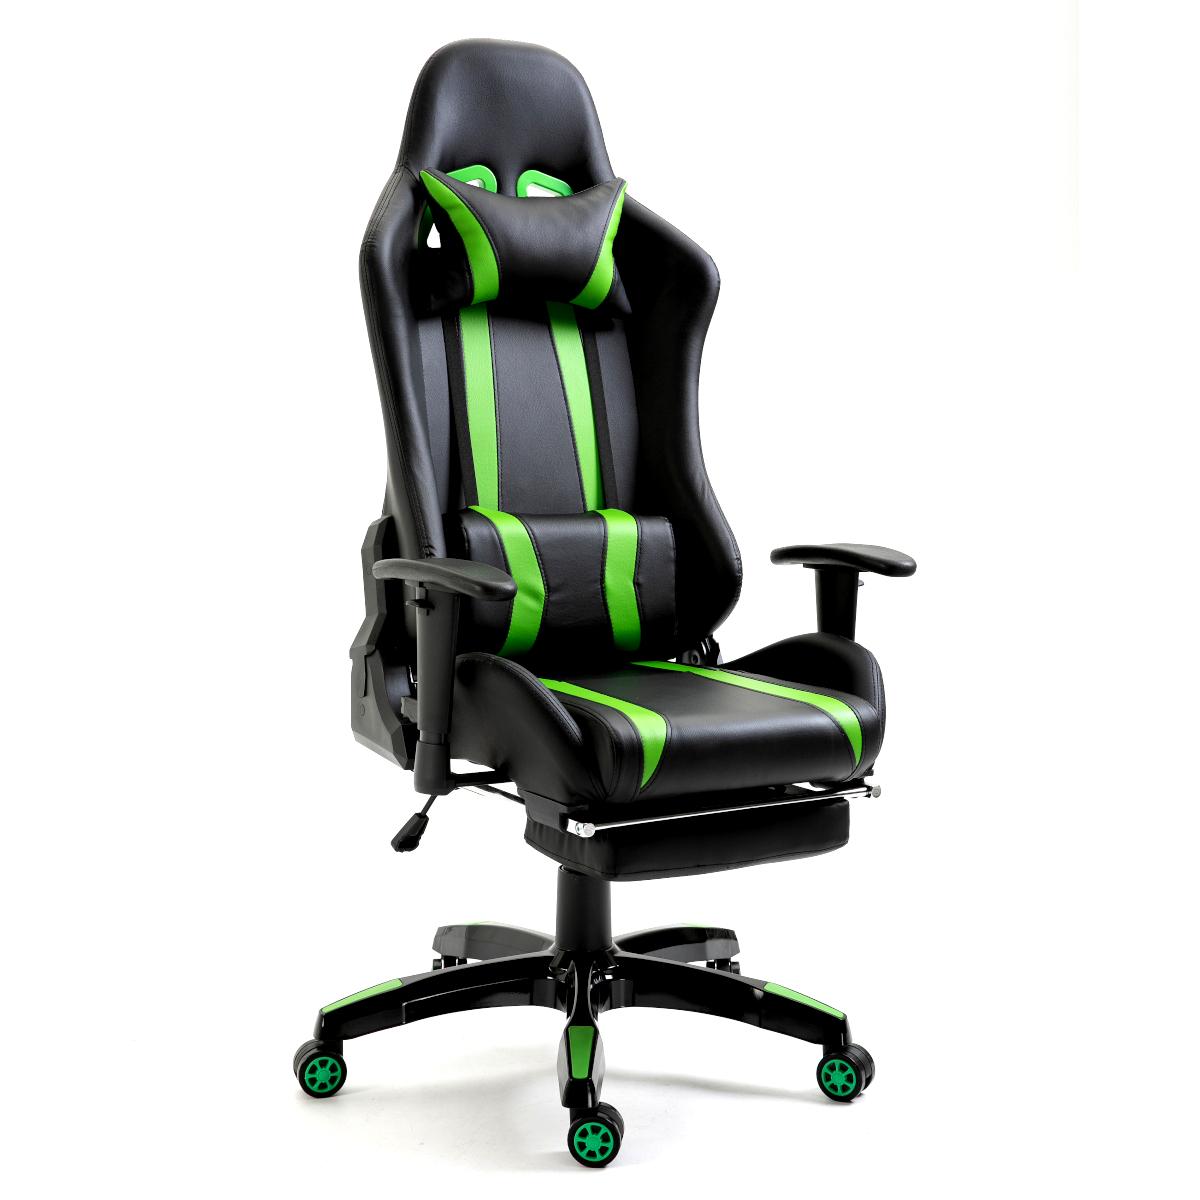 92208 SVITA Gaming Sessel mit Fußraste schwarz-grün